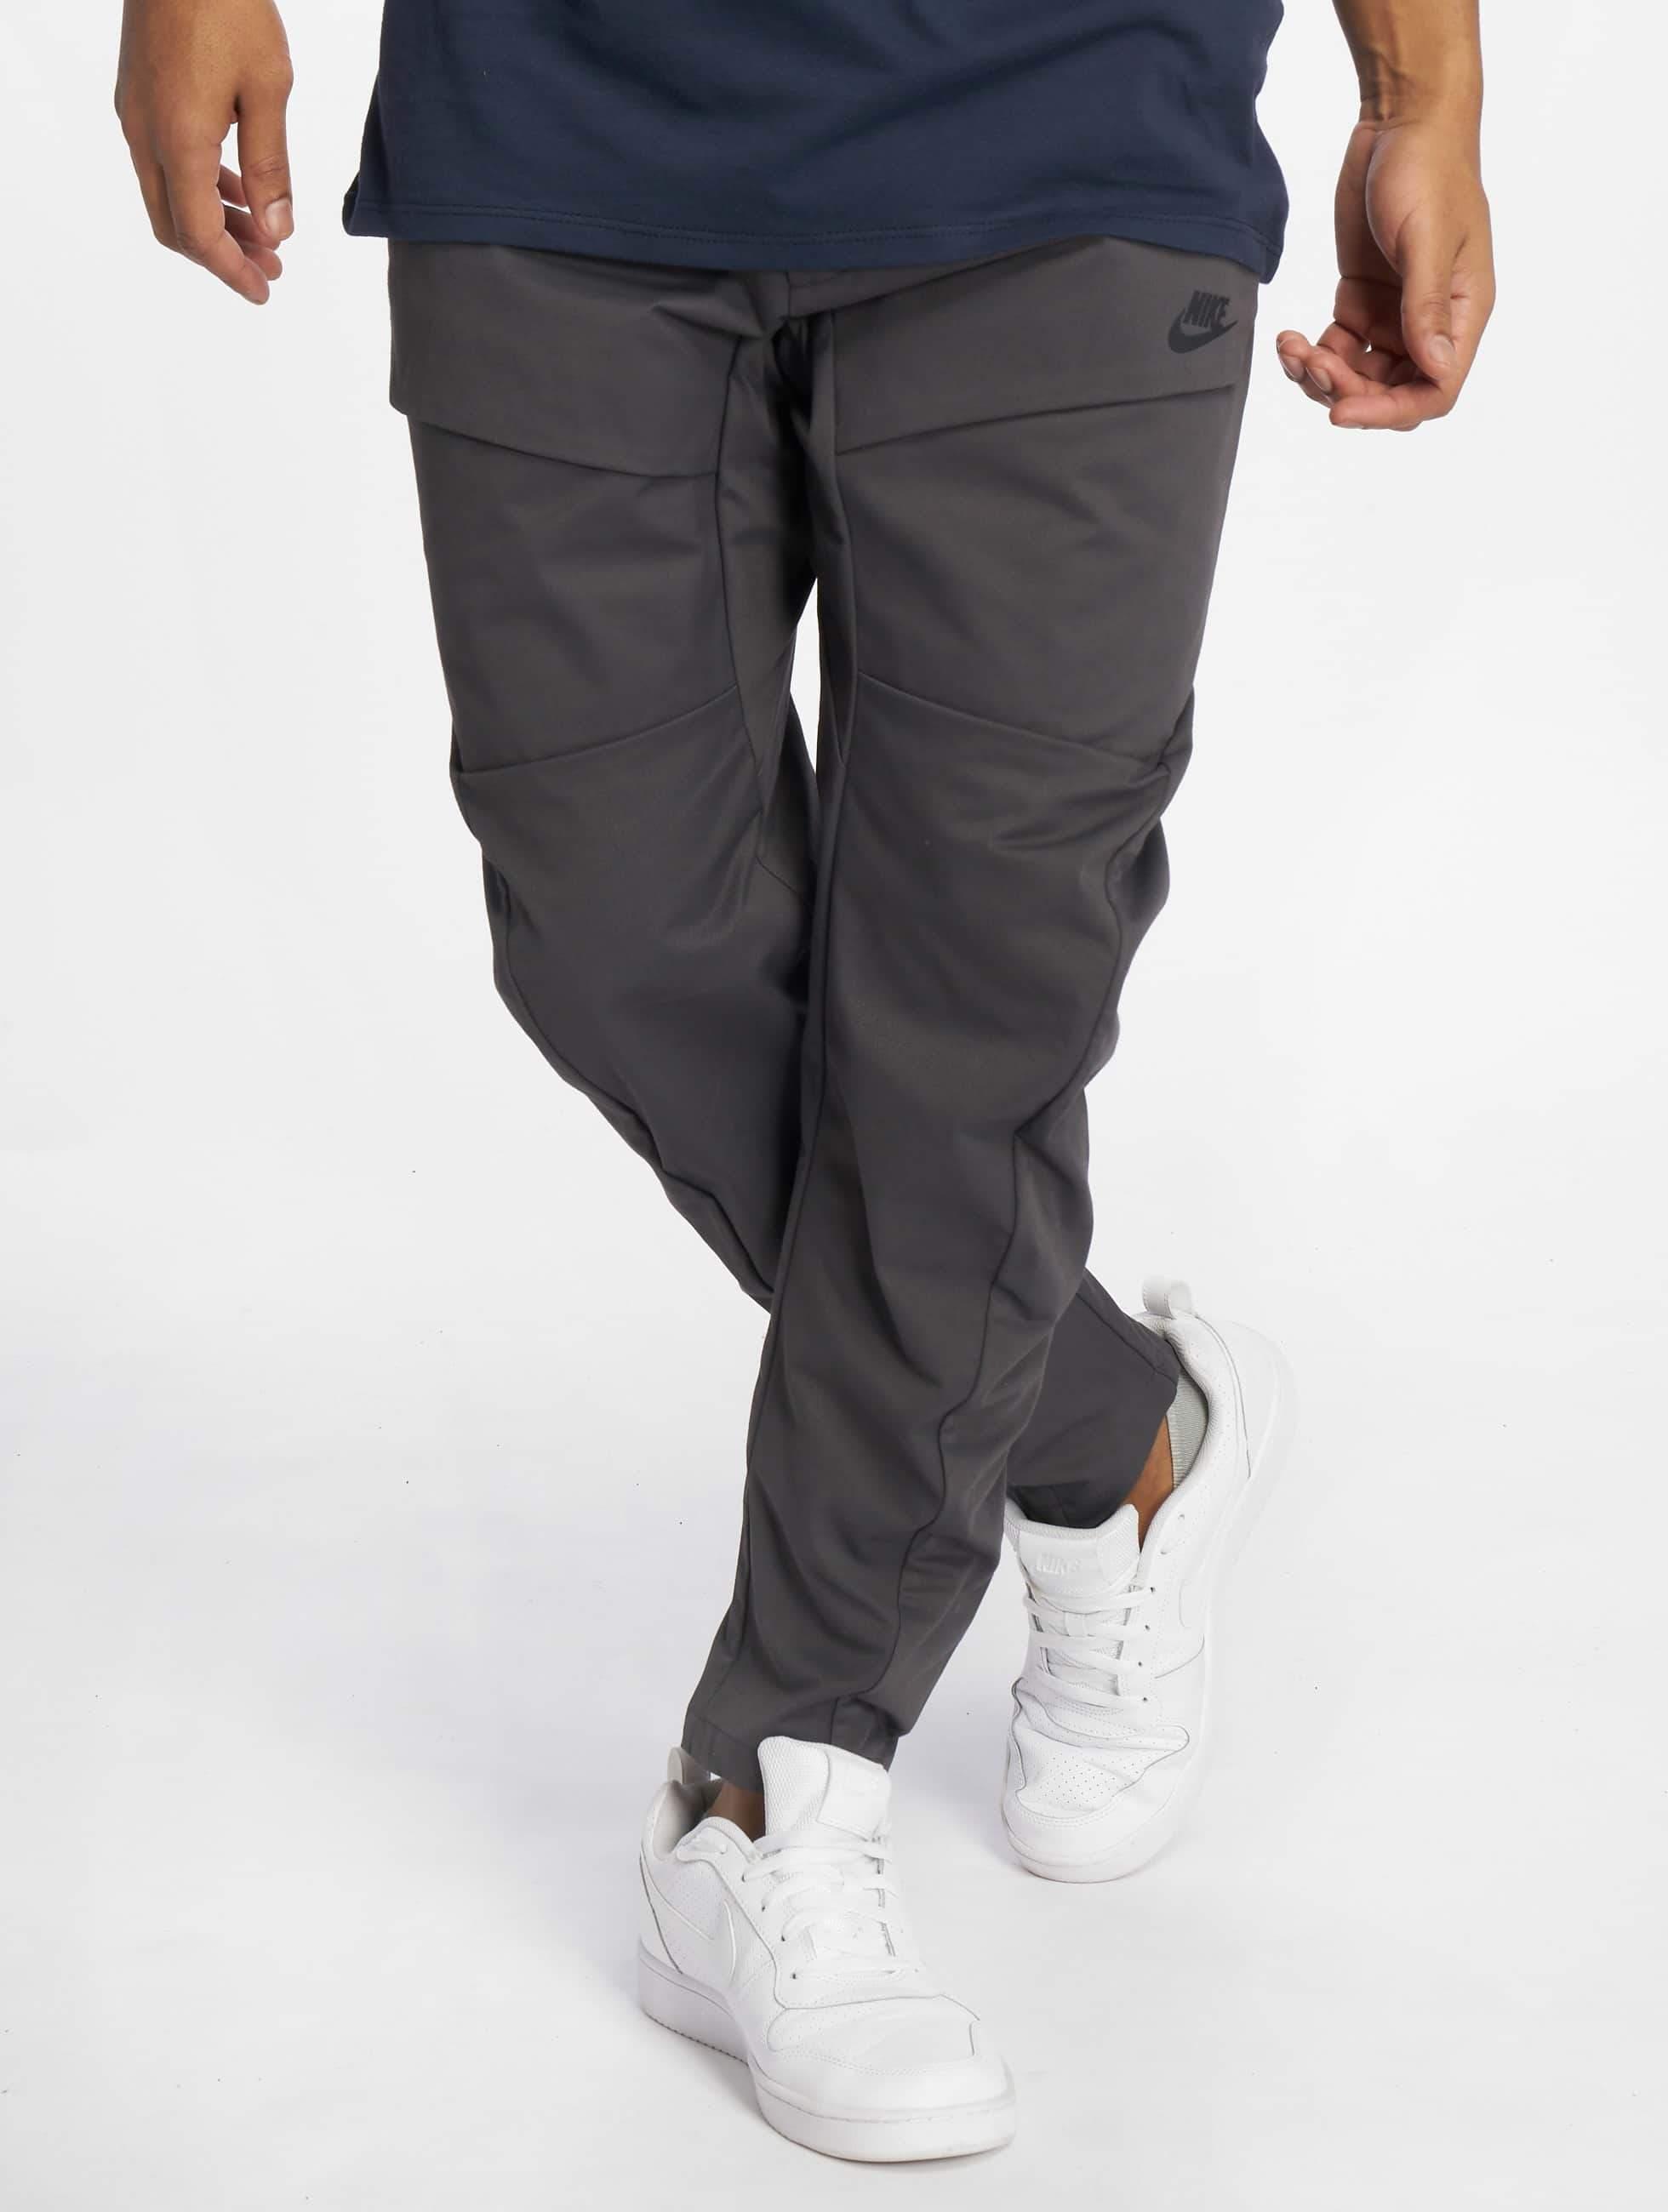 595cae9a240 Nike broek / joggingbroek Sportswear Tech Pack in grijs 540499